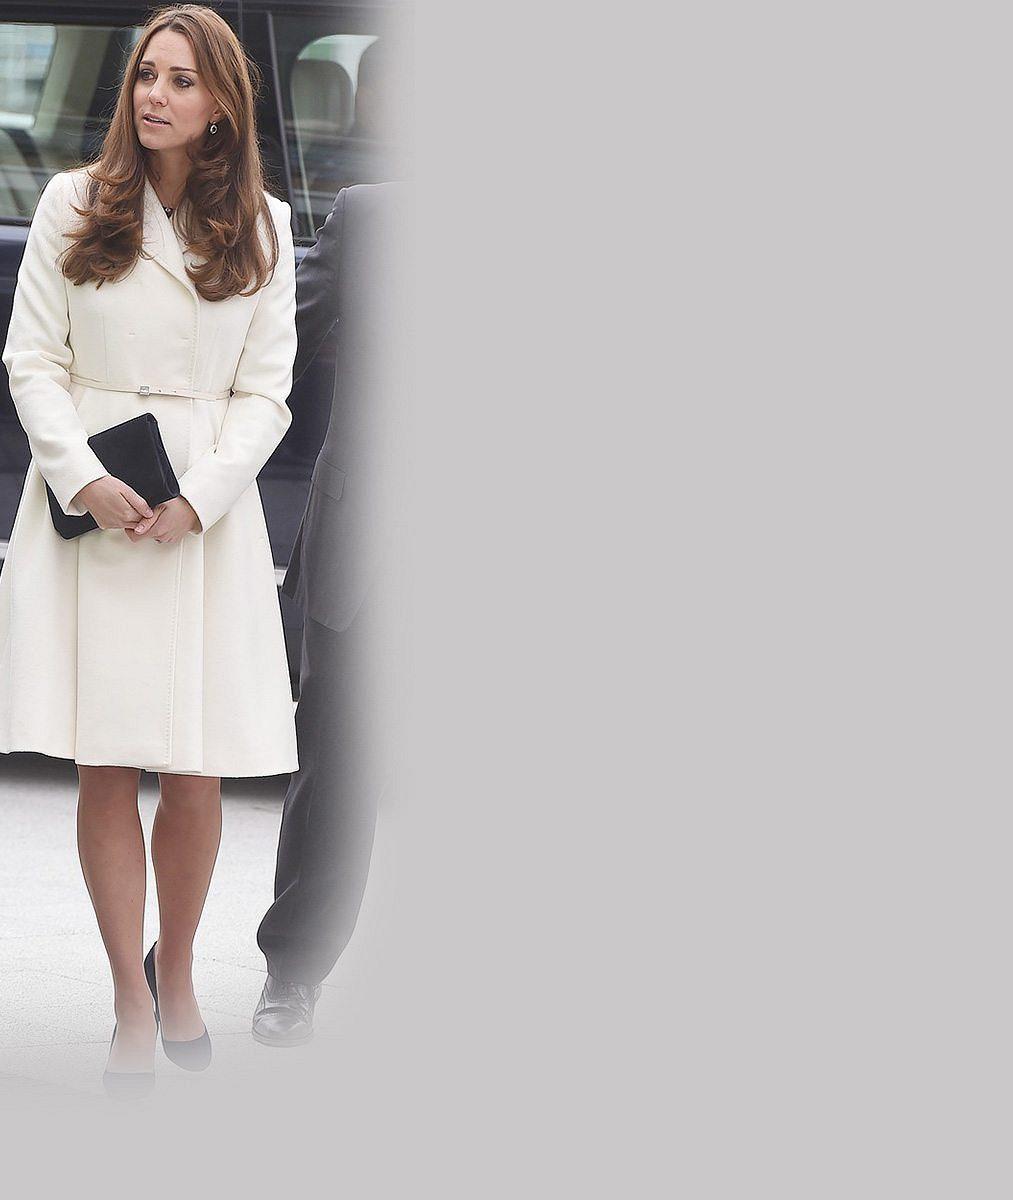 Podívejte, jak krásně roste: Vévodkyně Kate už bříško v sedmém měsíci nezamaskuje